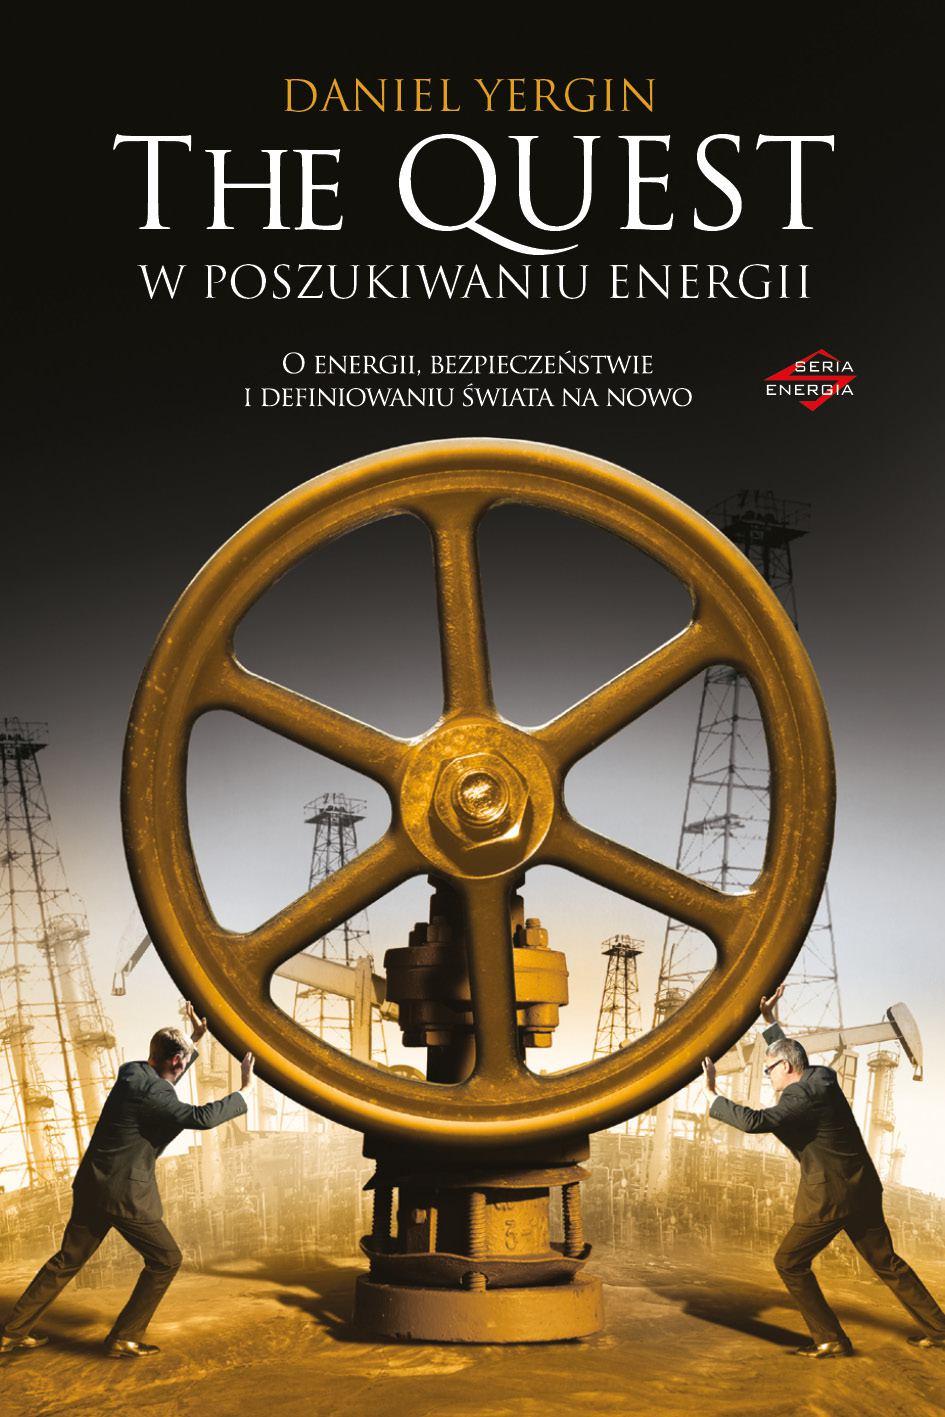 The Quest. W poszukiwaniu energii - Ebook (Książka PDF) do pobrania w formacie PDF